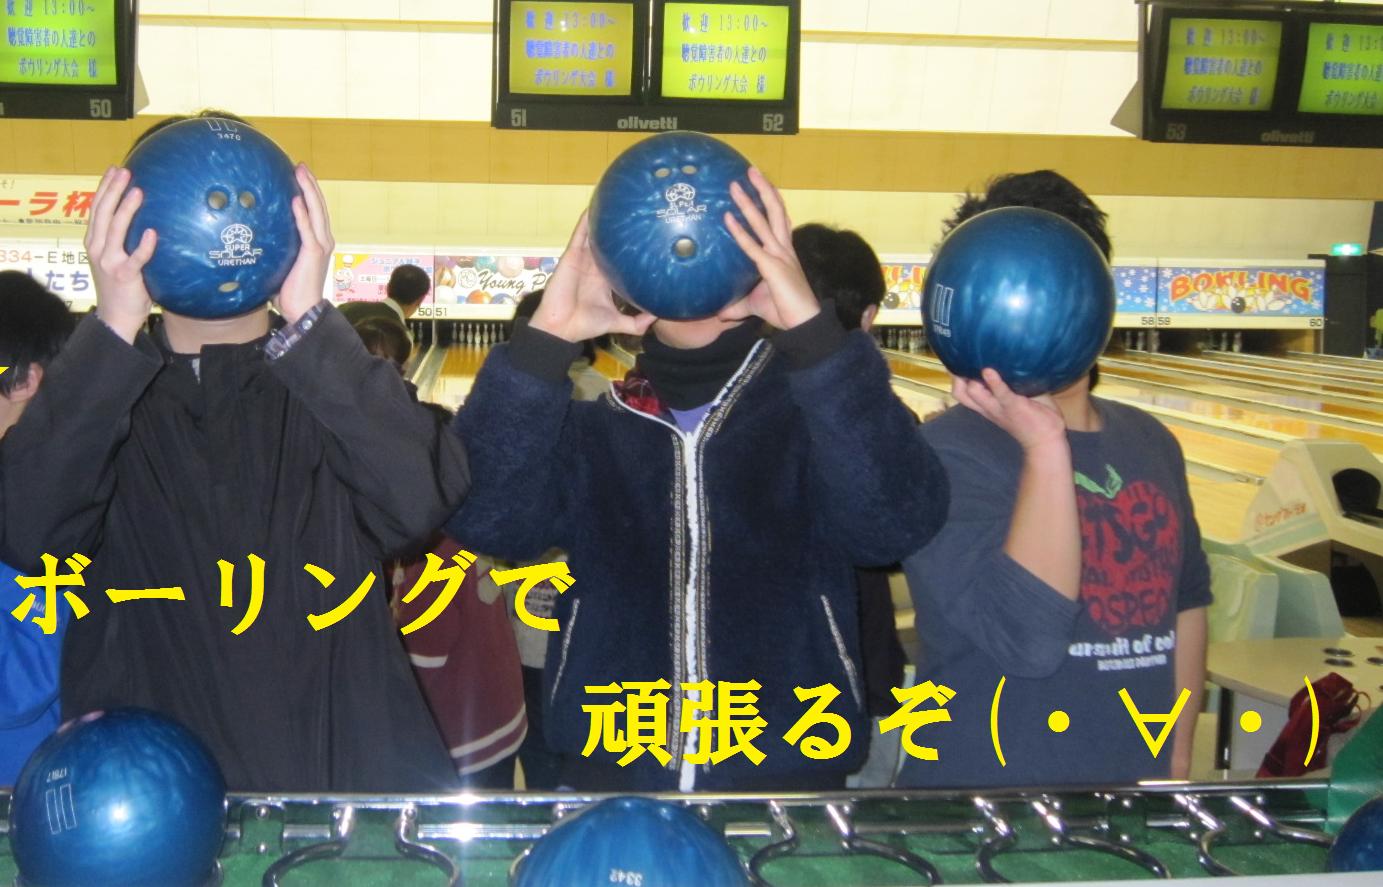 ボーリング大会.png